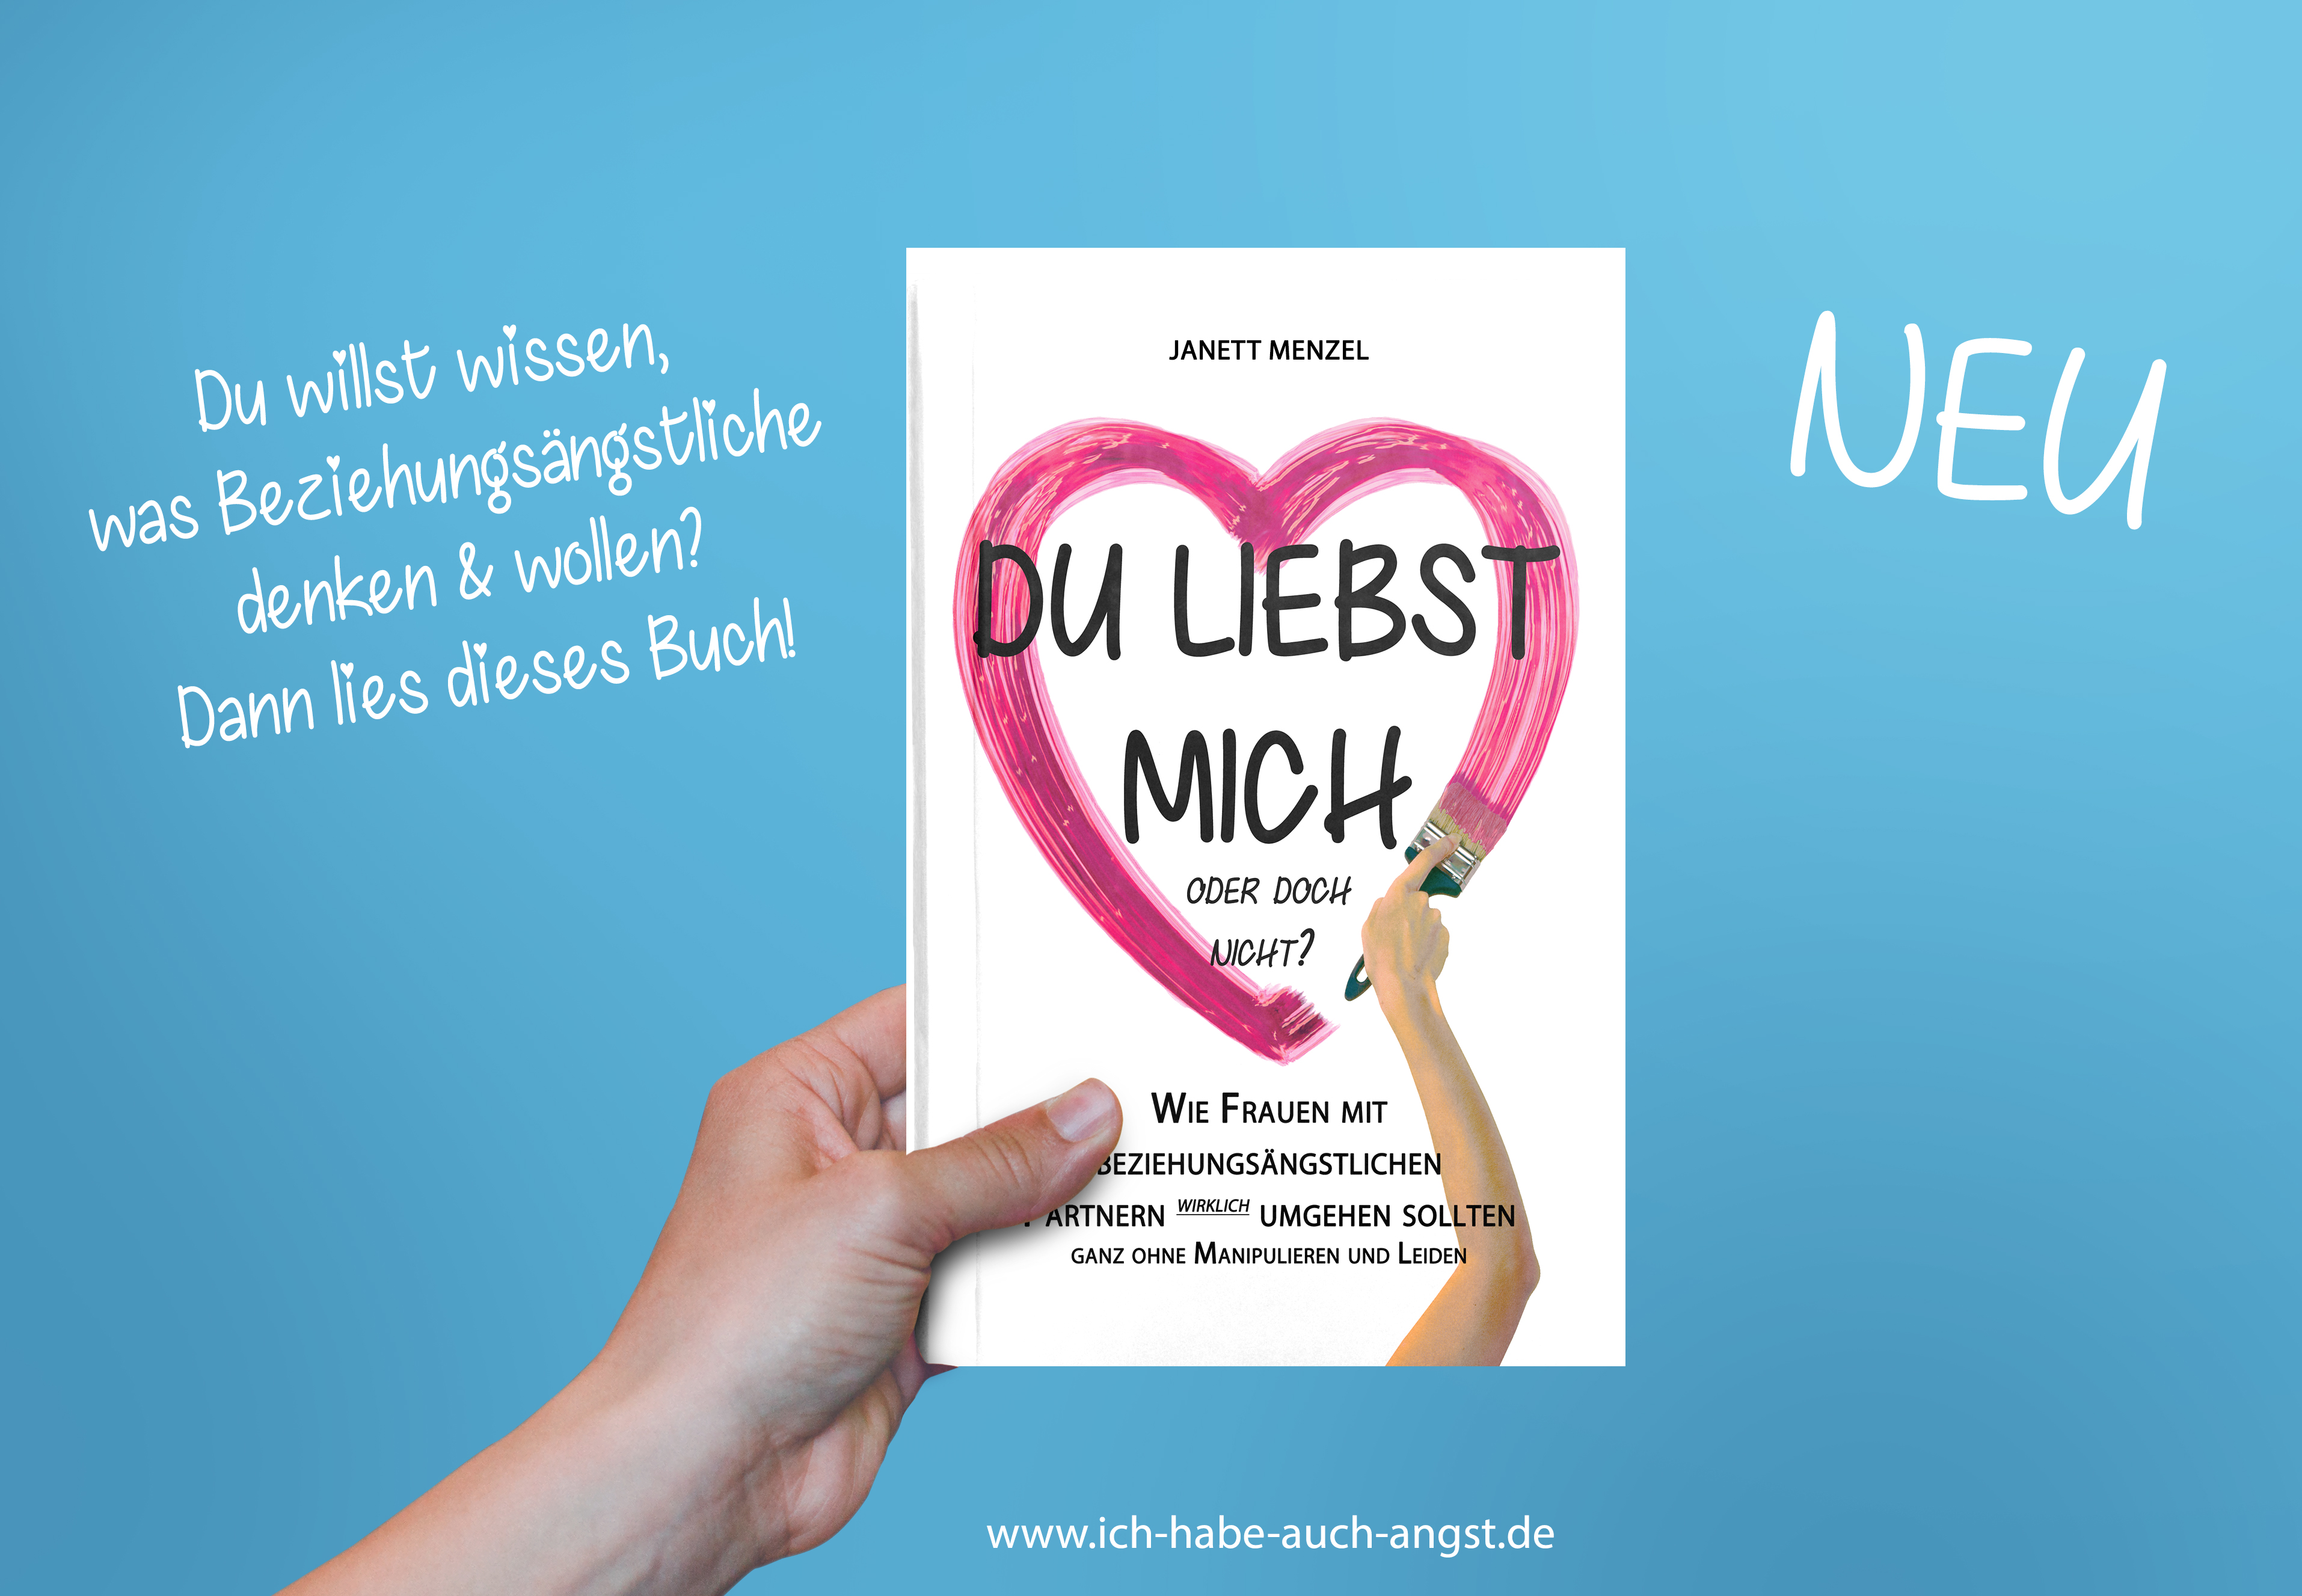 nicht genug lieben Angst vor Liebe Janett Menzel_Beziehungsangst_buch